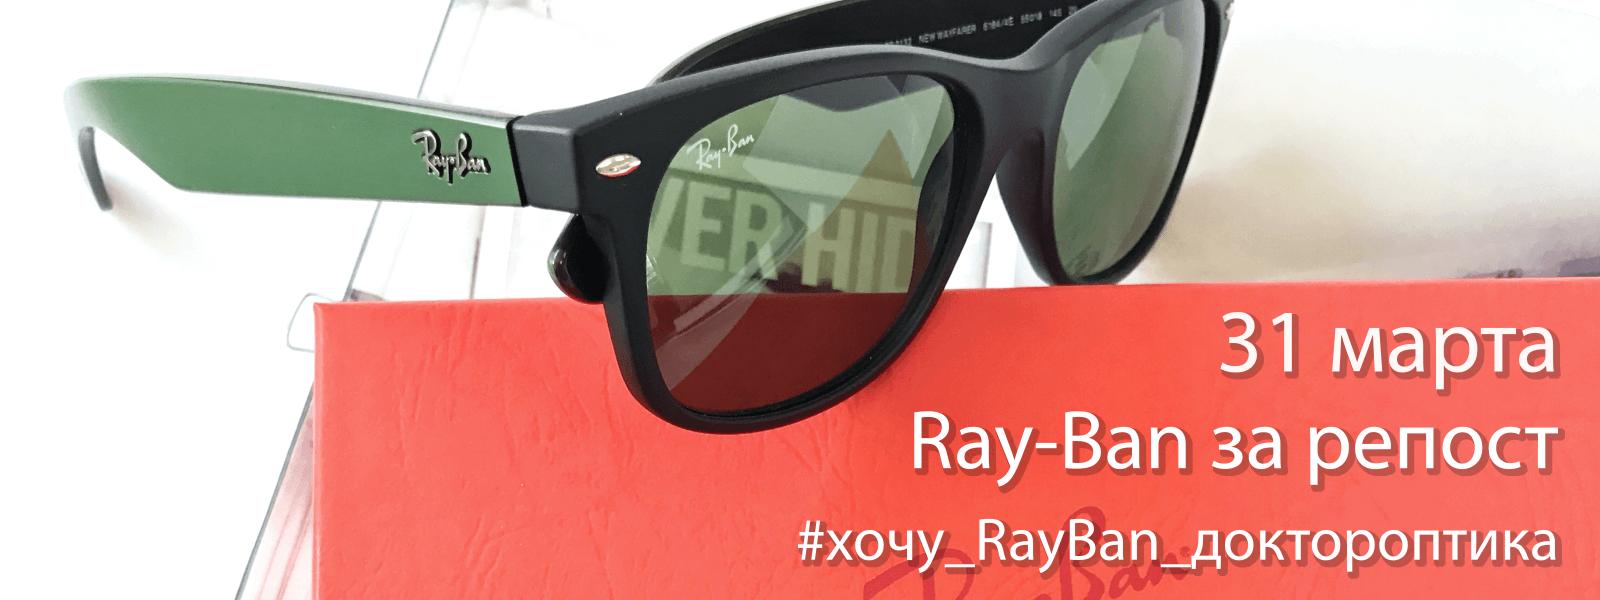 Очки Ray-Ban за репост!